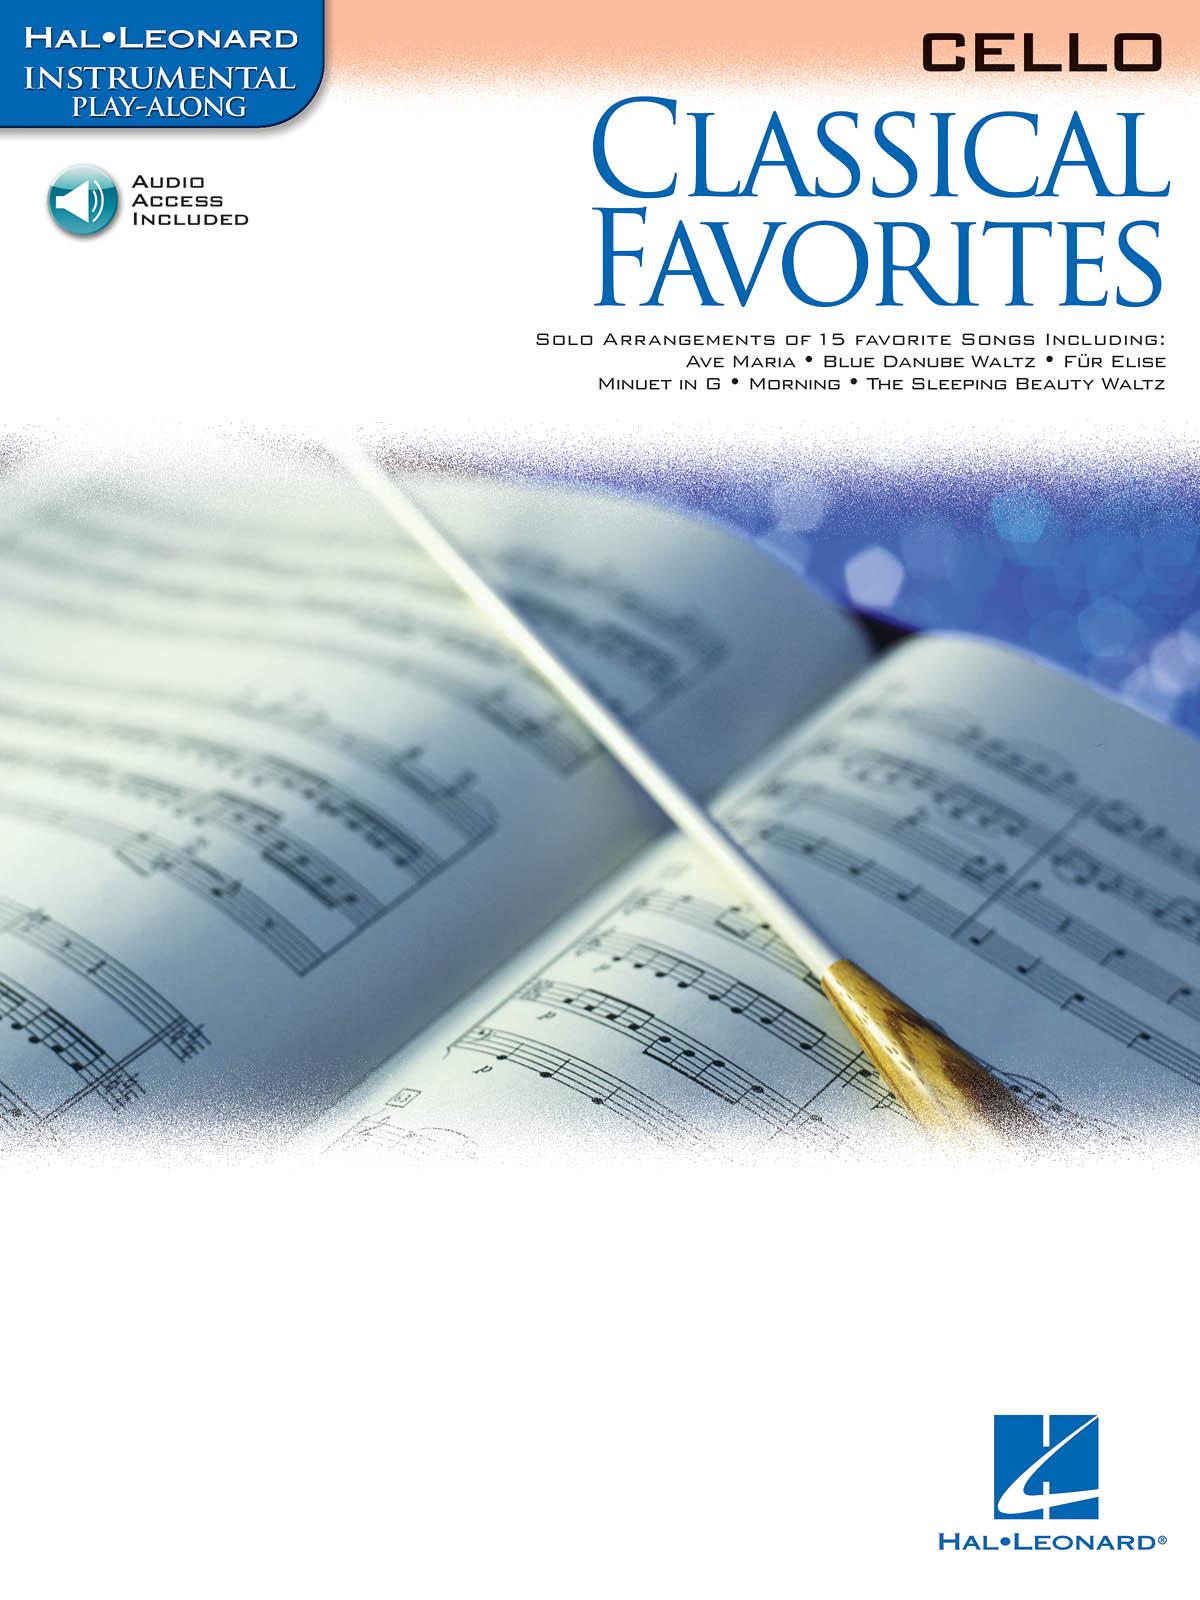 Classical Favorites - Cello: Cello Solo: Instrumental Album